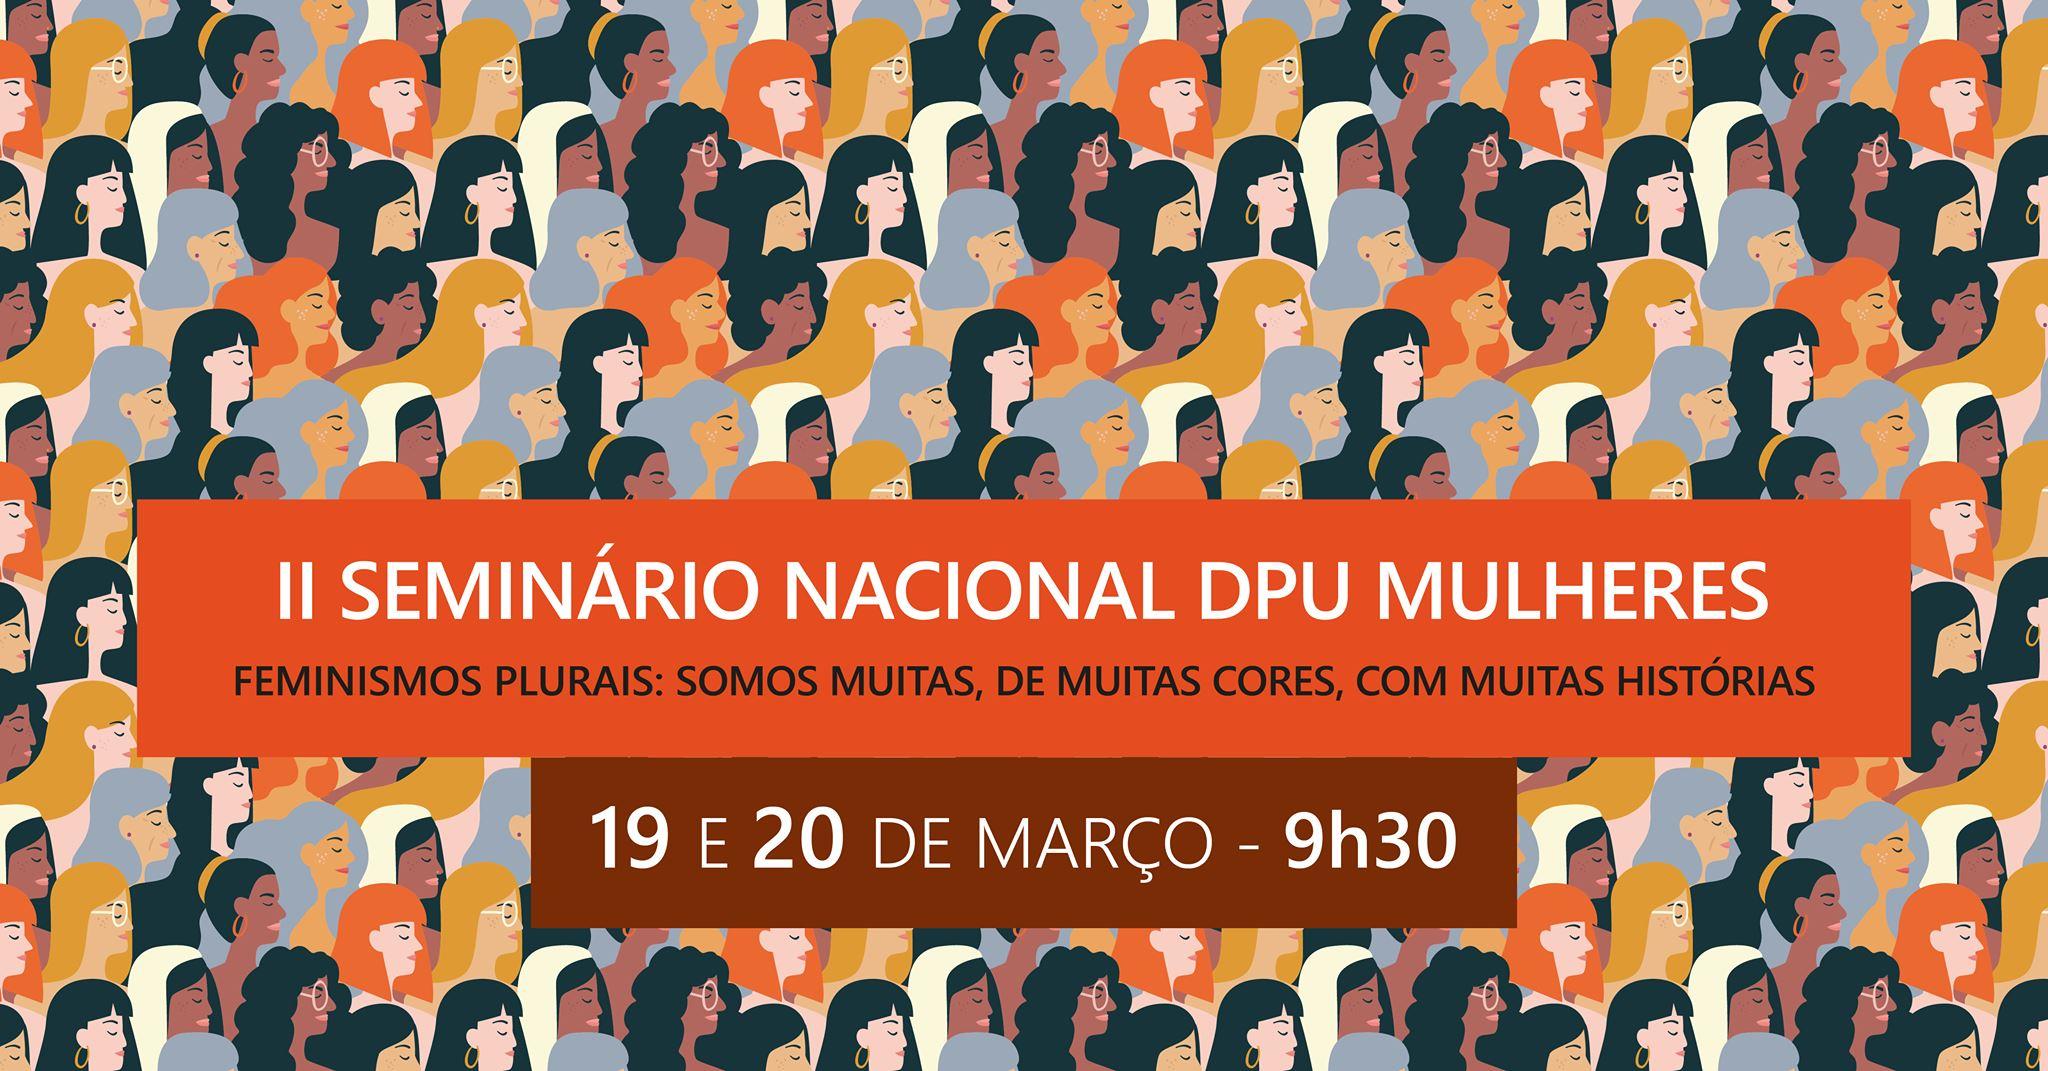 Defensoria Pública da União e ONU Mulheres promovem, no Rio de Janeiro, seminário nacional sobre feminismos plurais/noticias igualdade de genero geracao igualdade empoderamento economico direitosdasmulheres